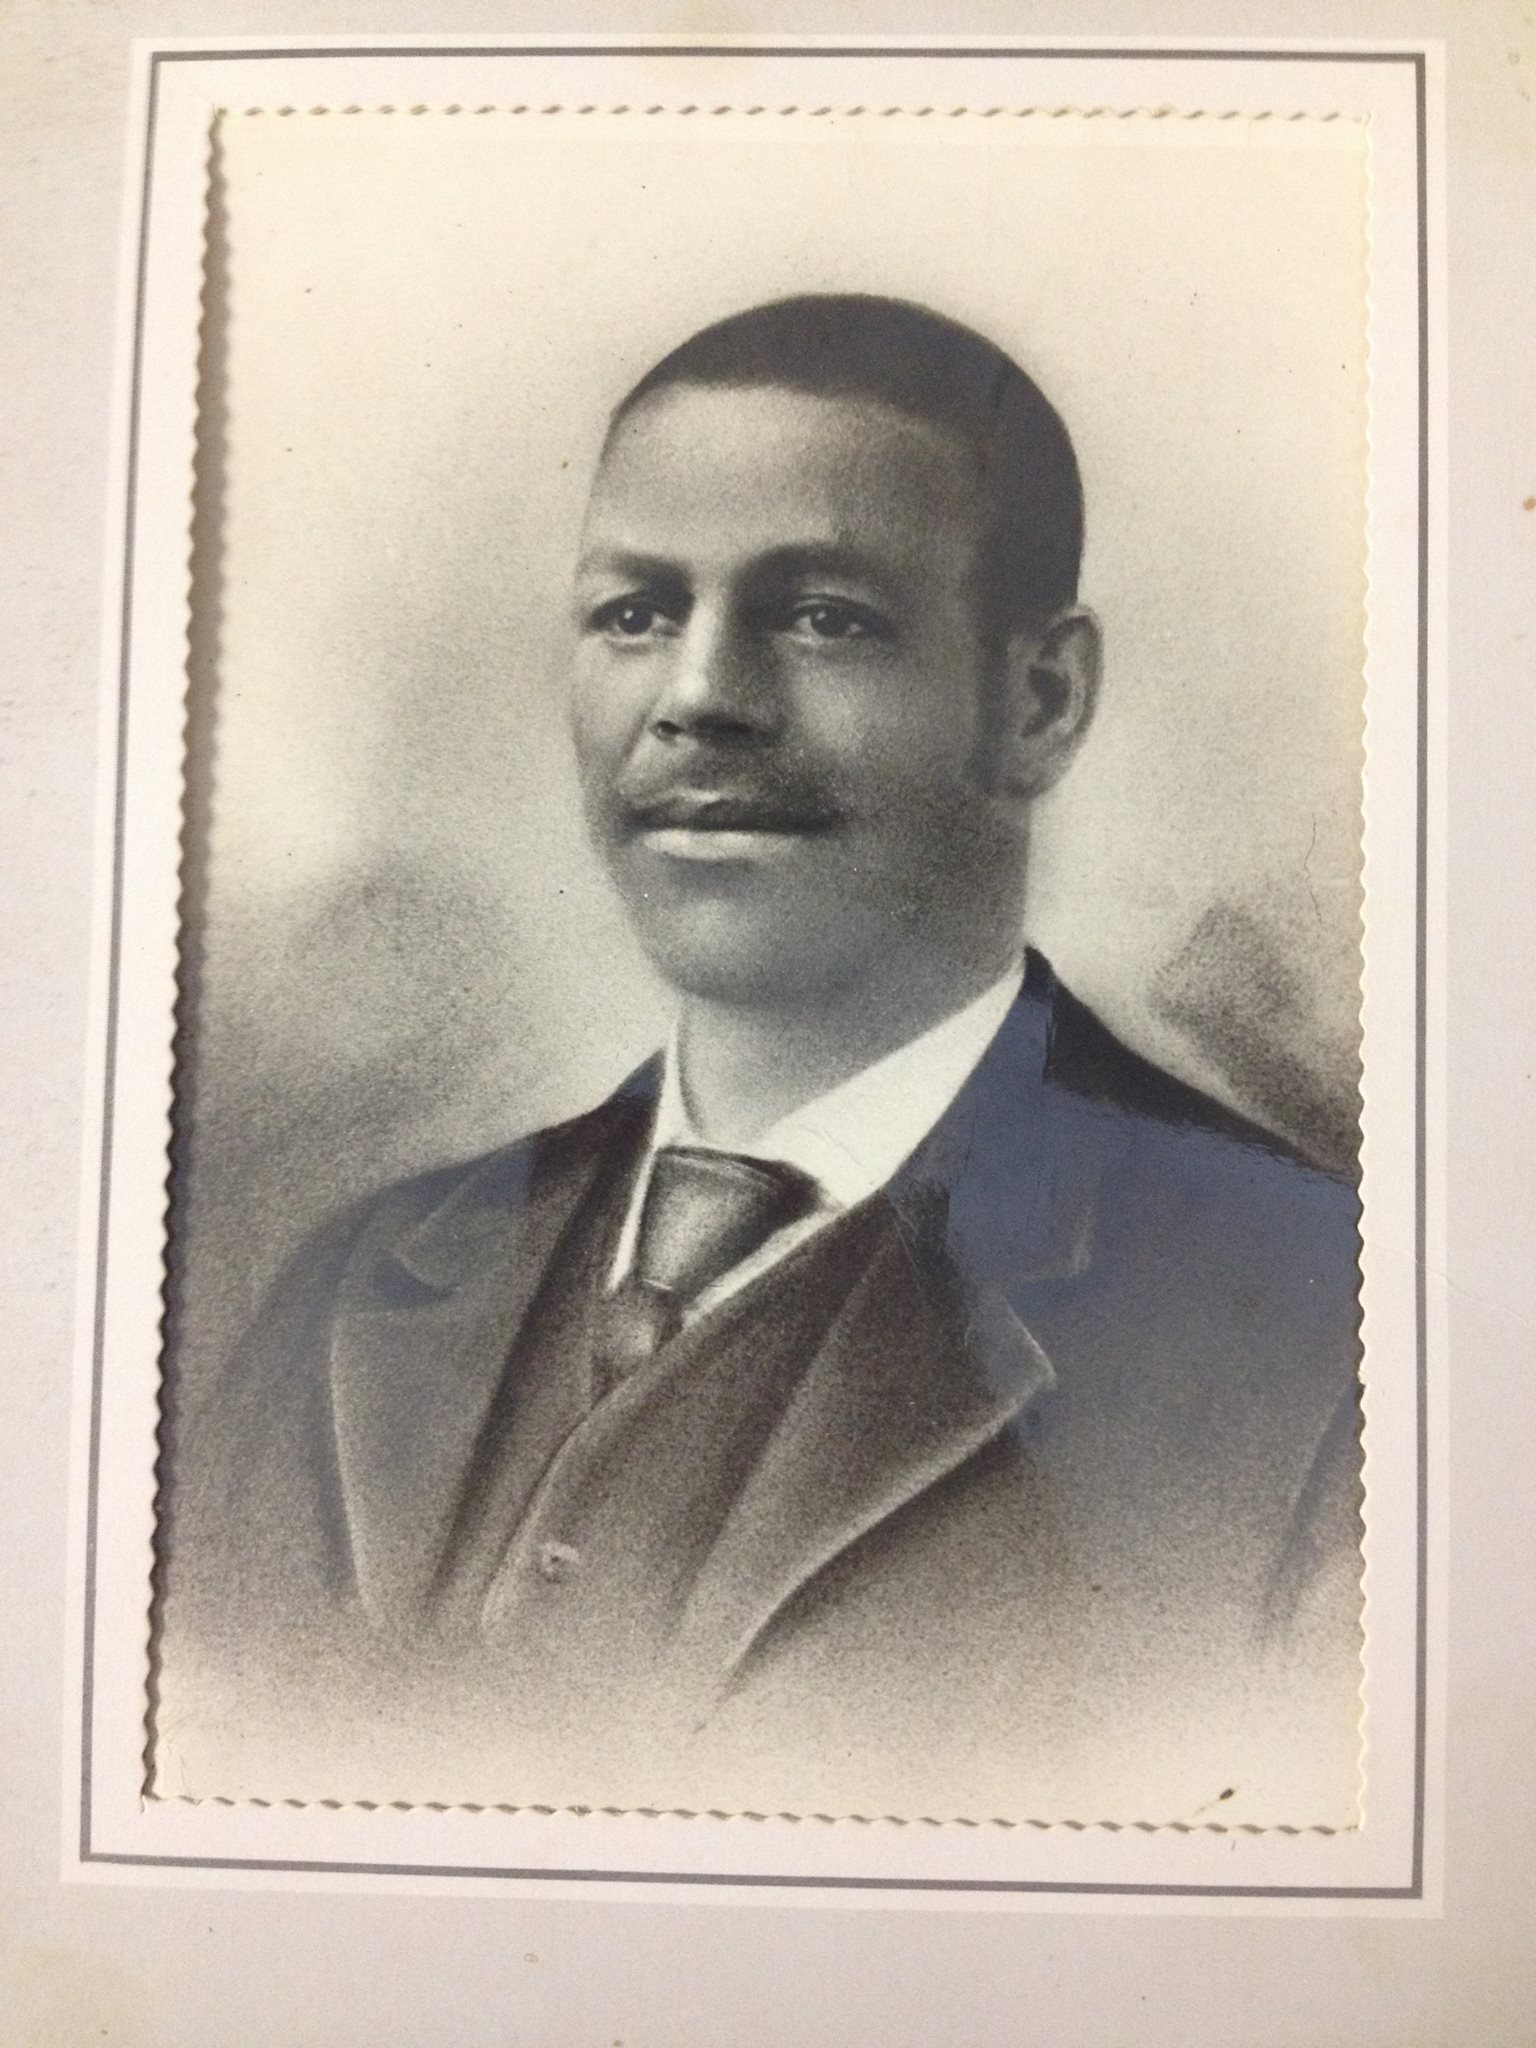 Rev. A.D. Lewis